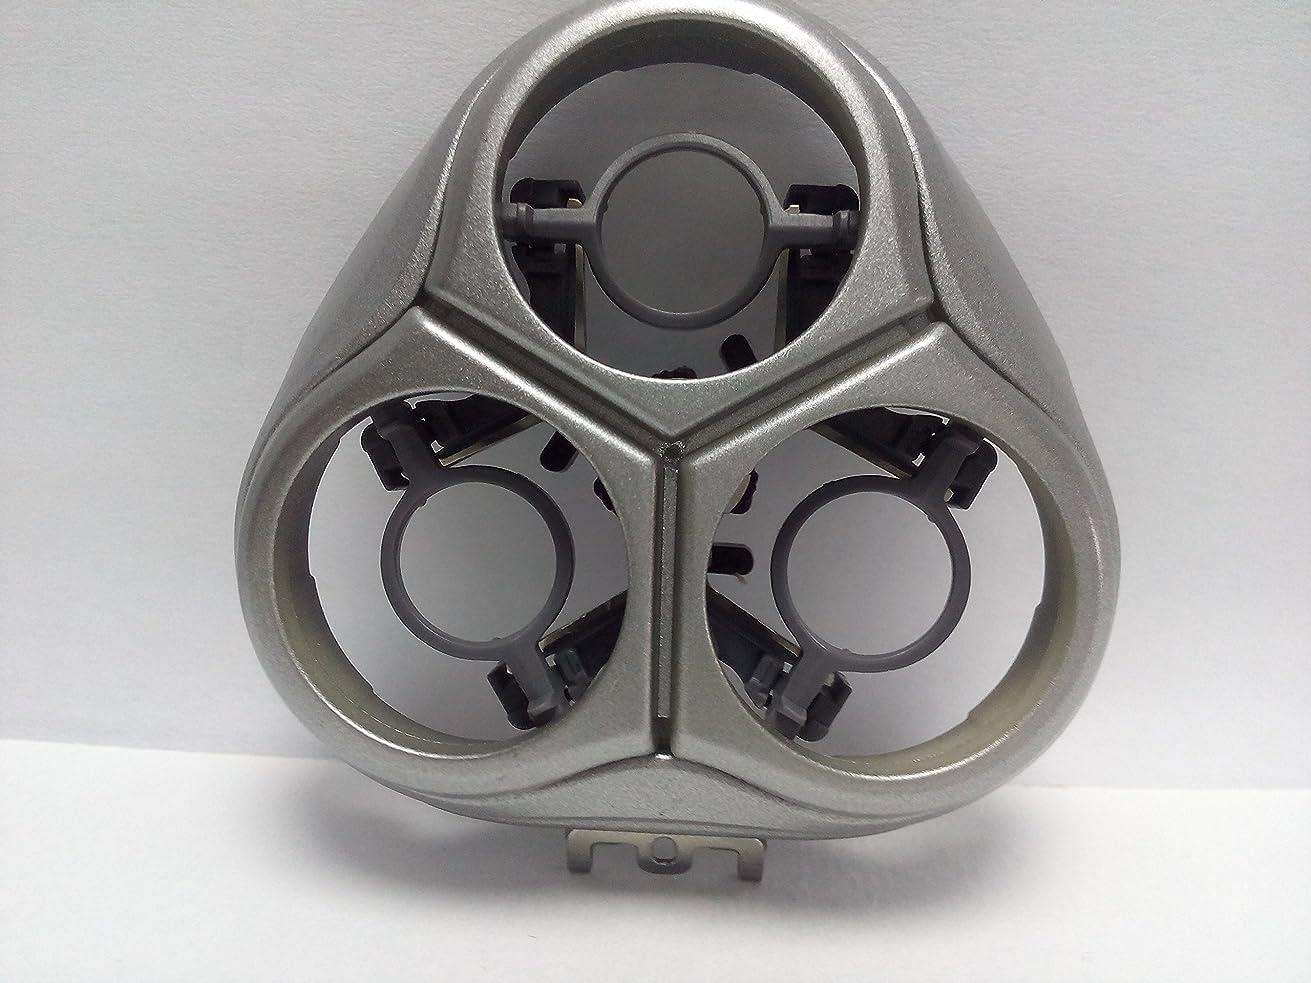 曇ったドット余韻シェービングカミソリヘッドフレームホルダーカバー ブレードフレーム For Philips Norelco HQ8270 HQ8270CC HQ8290 HQ8240 HQ8250 HQ8260 HQ 8240XL 8250XL 8260XL 8270XL 8290XL Shaver Razor Head blade Frame Holder